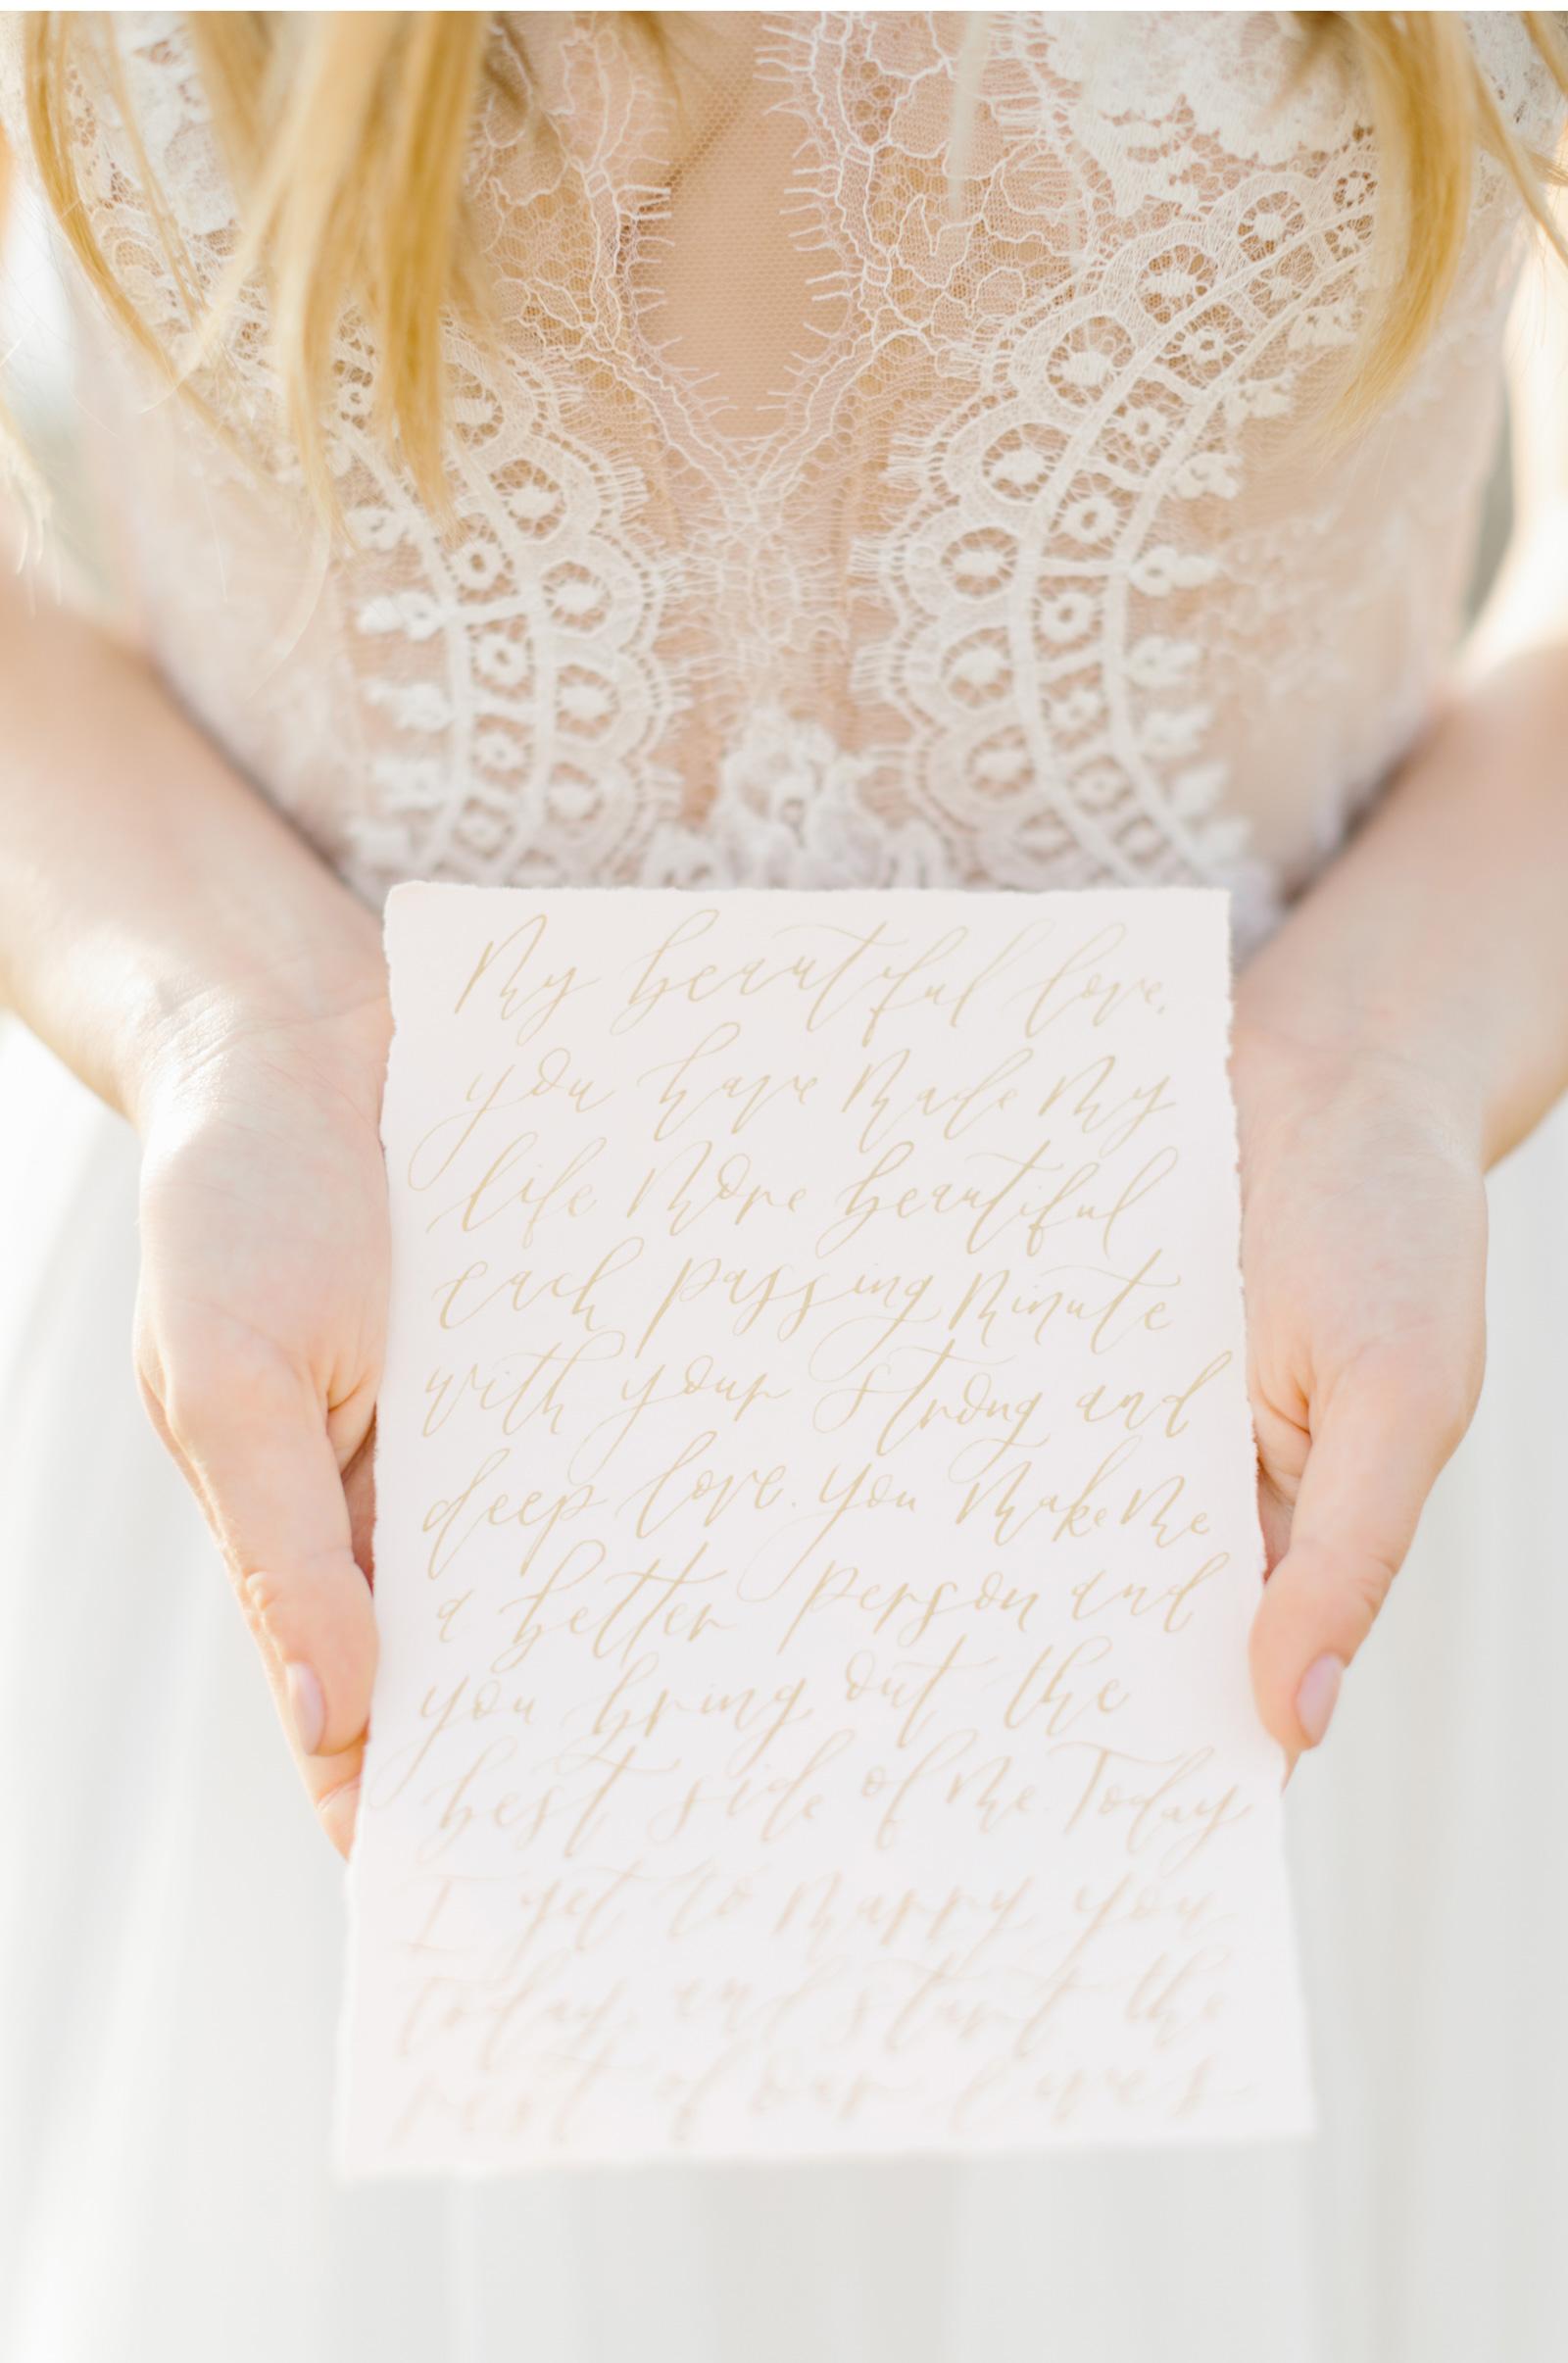 San-Clemente-Wedding-Photographer-Hawaii-Natalie-Schutt-Photography_01.jpg